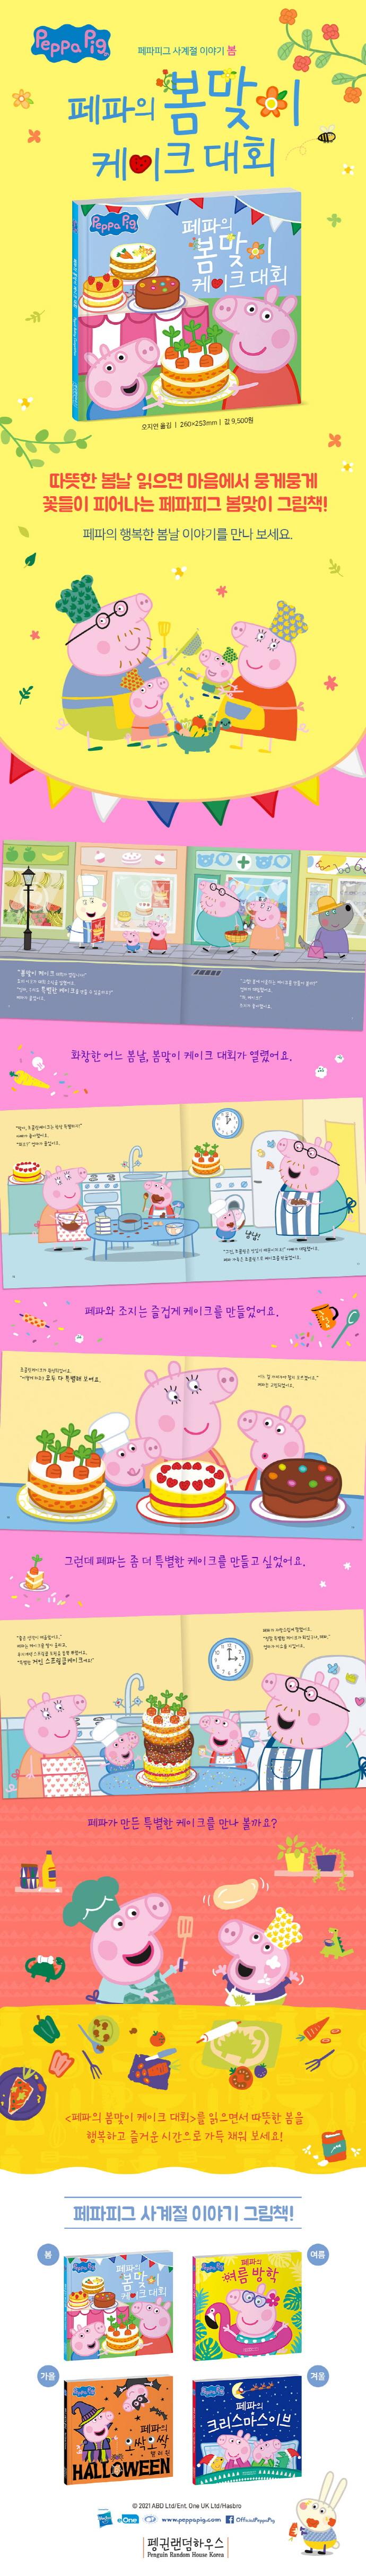 페파의 봄맞이 케이크 대회(페파피그 사계절 이야기)(양장본 HardCover) 도서 상세이미지